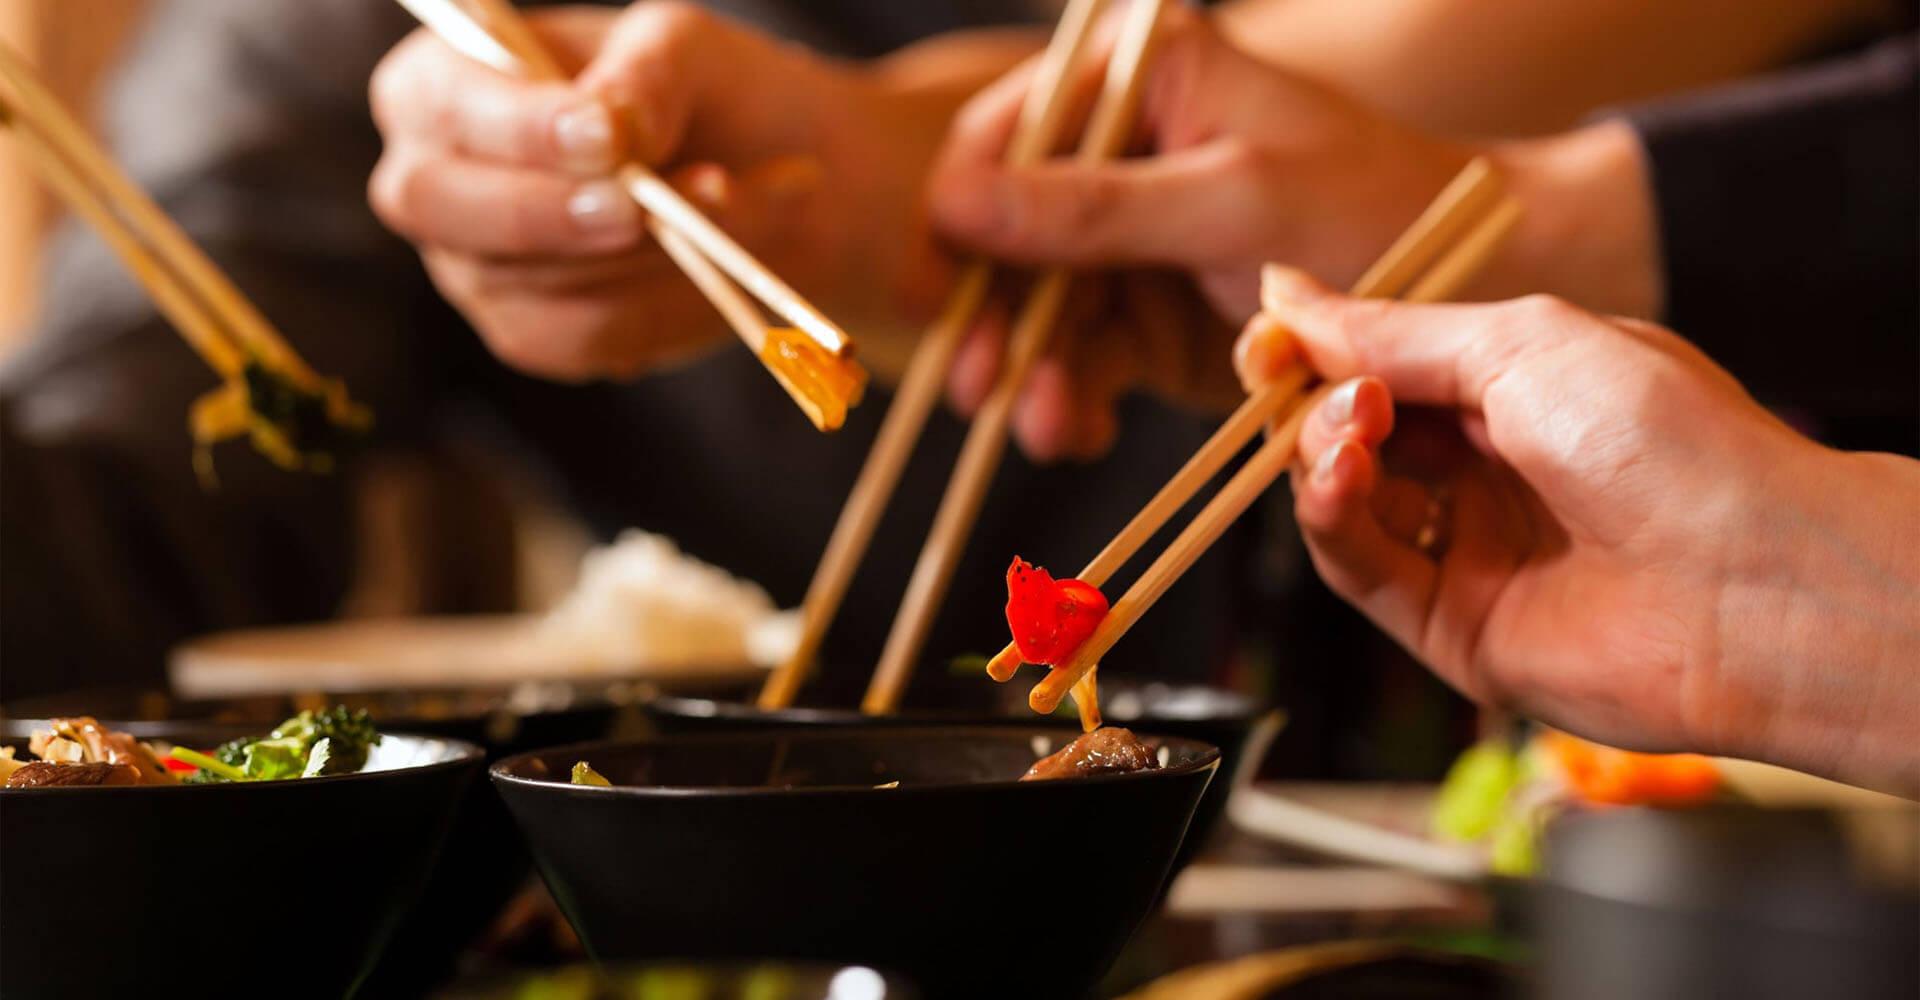 Leute essen Gerichte aus Asiatisches Küche mit Stäbchen